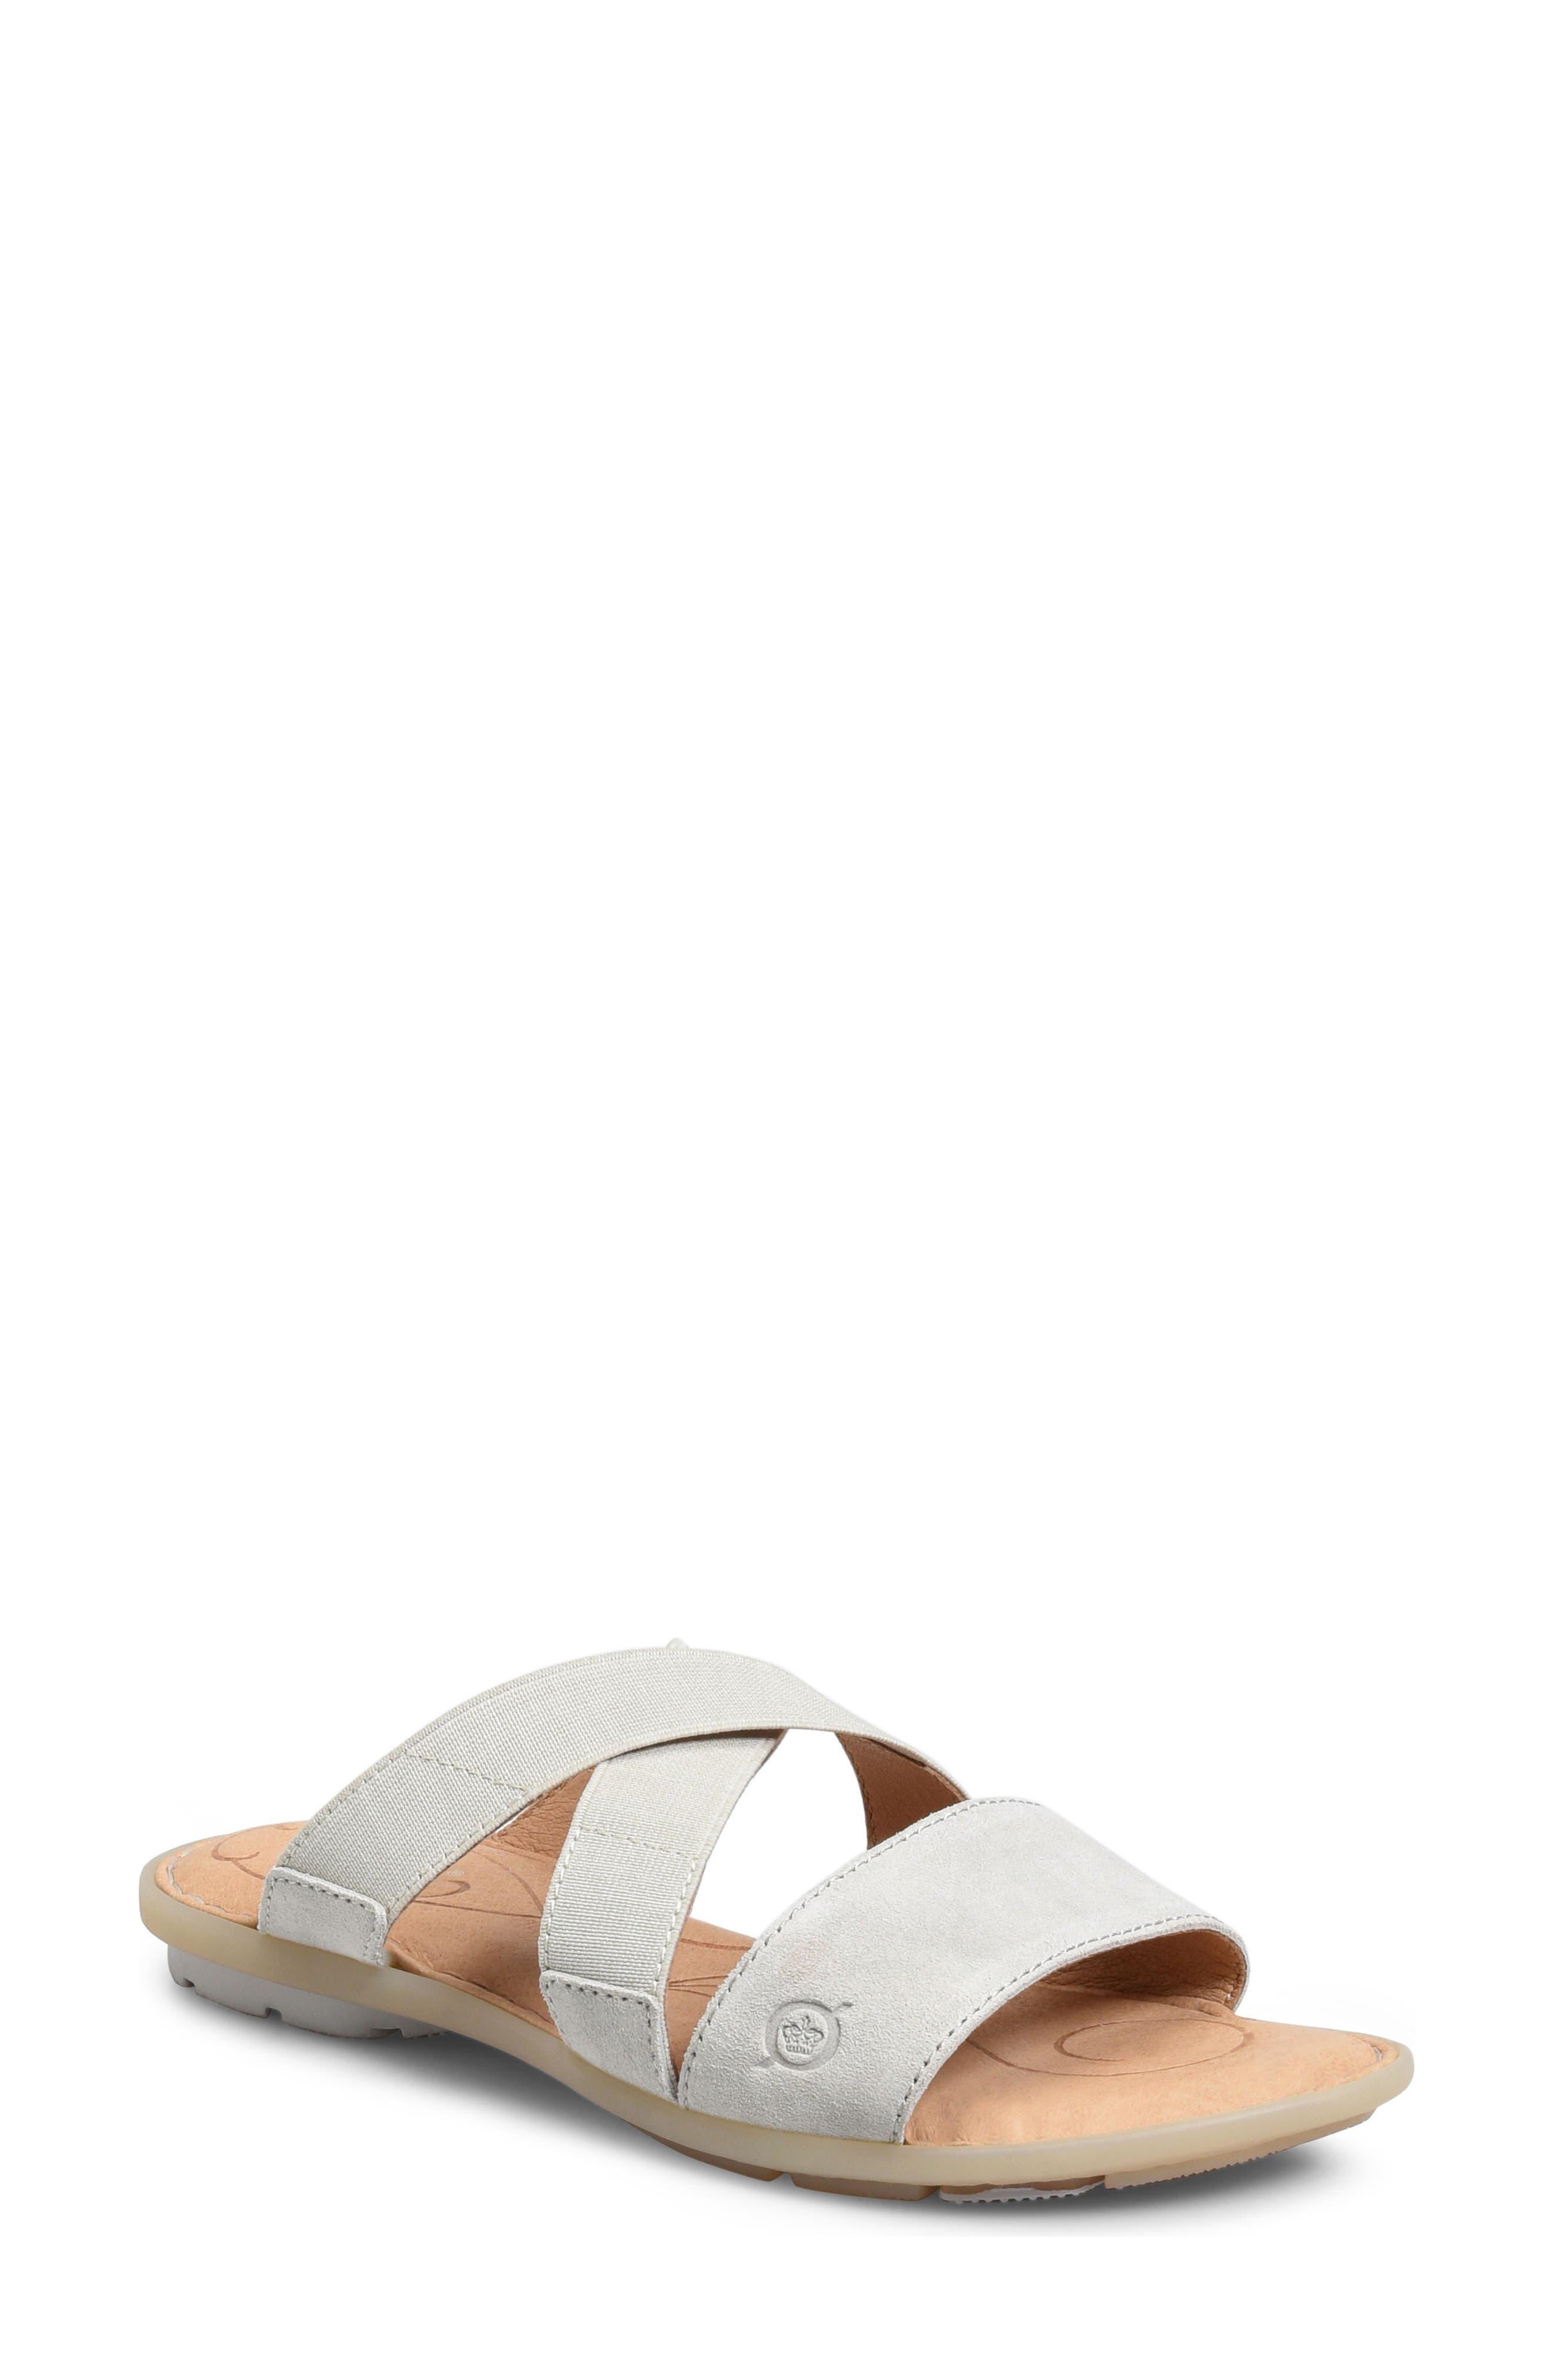 Tidore Slide Sandal,                             Main thumbnail 2, color,